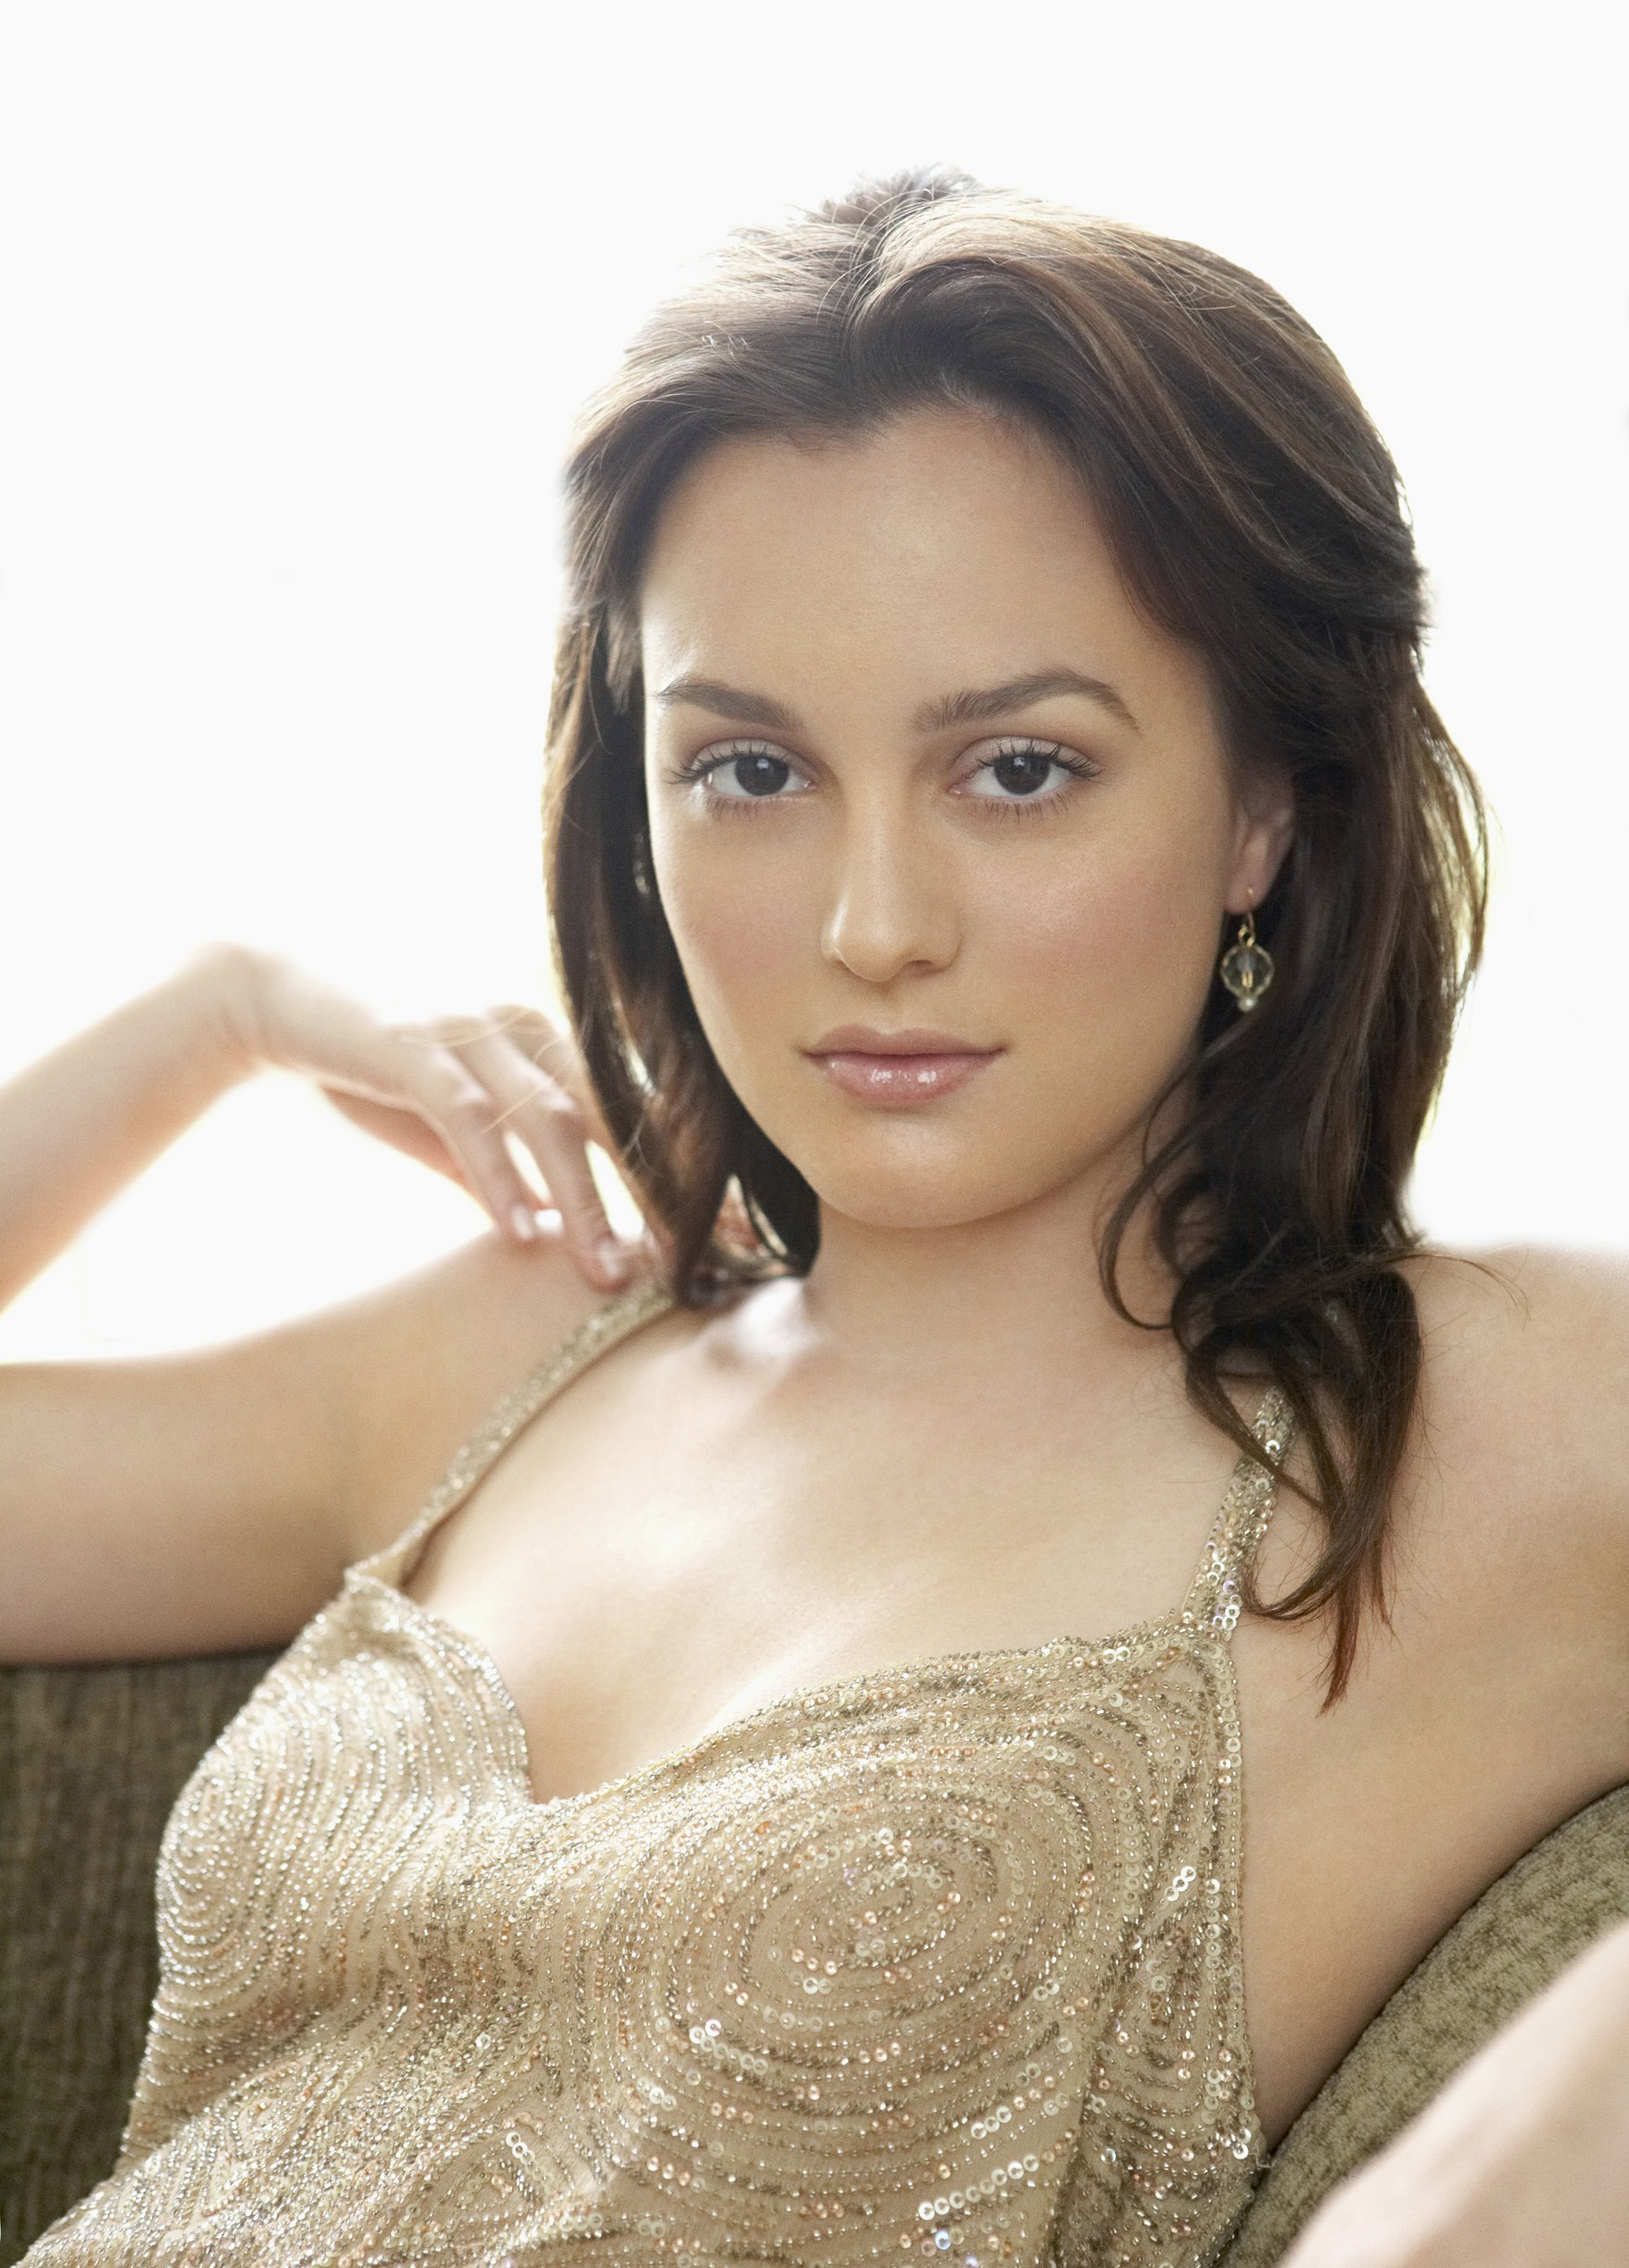 Digitalminx Com Actresses Leighton Meester Page 1